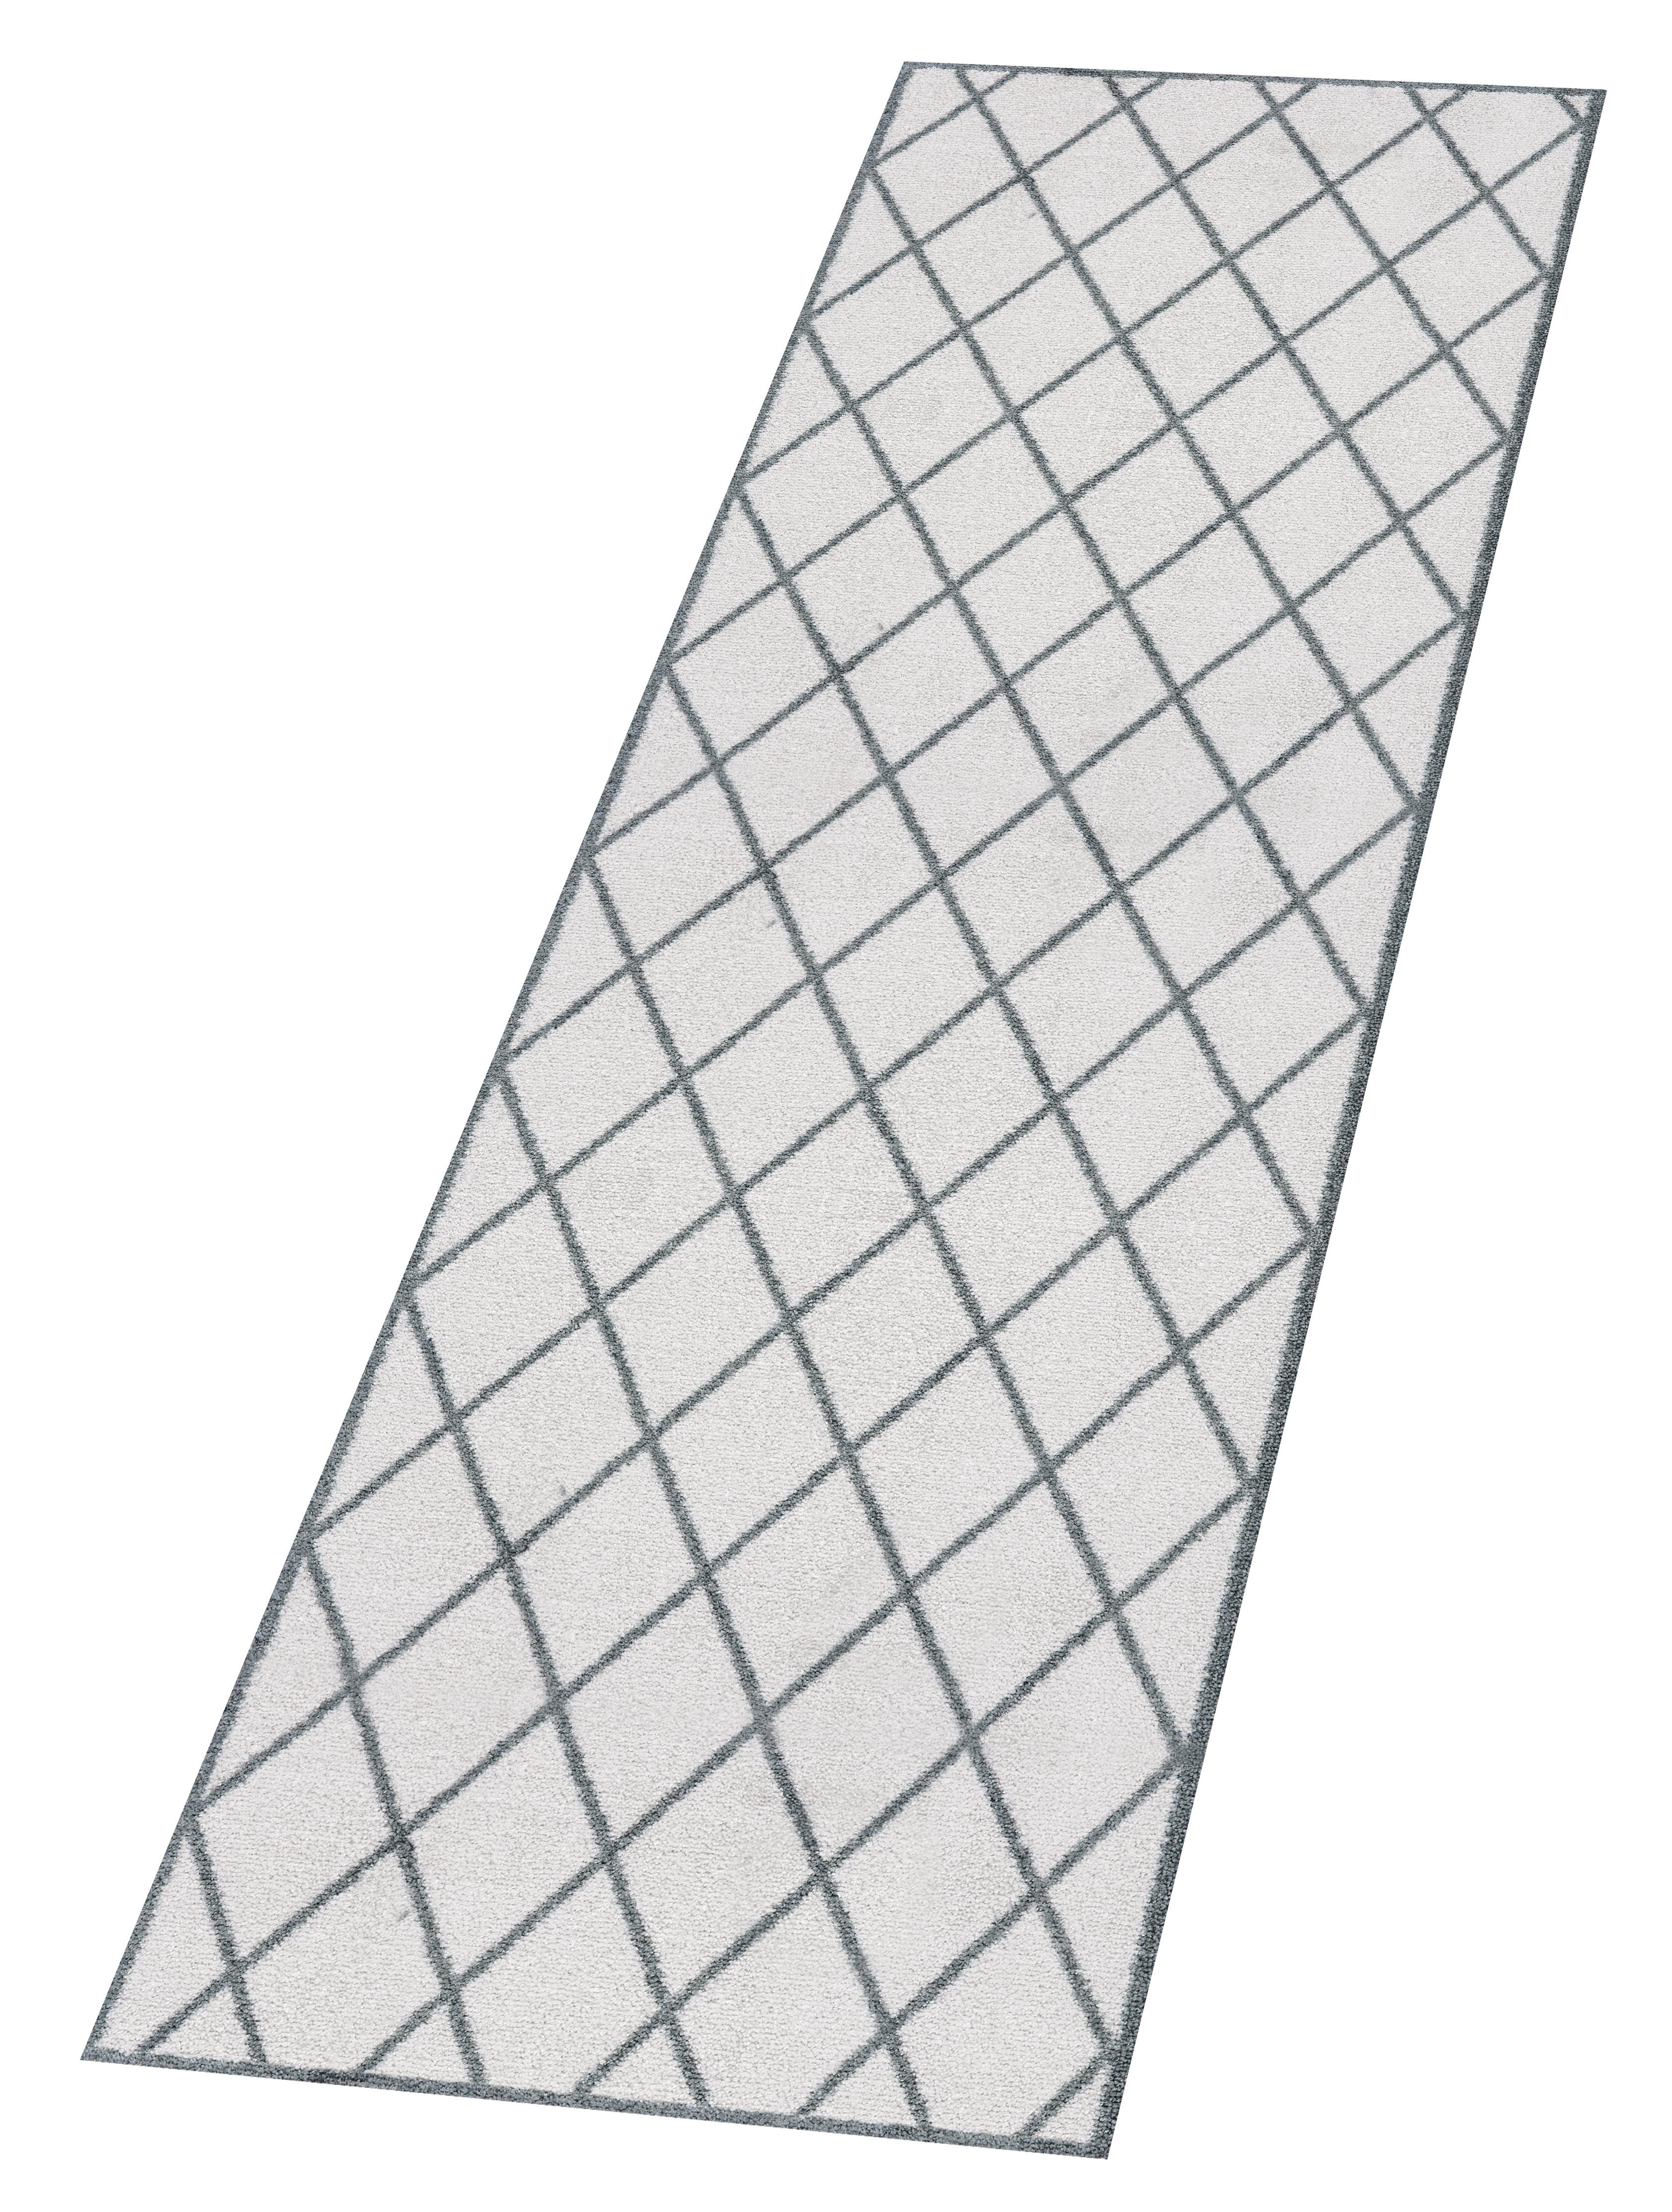 Zala Living - Hanse Home koberce Protiskluzový běhoun Home Grey 103172 - 50x150 cm